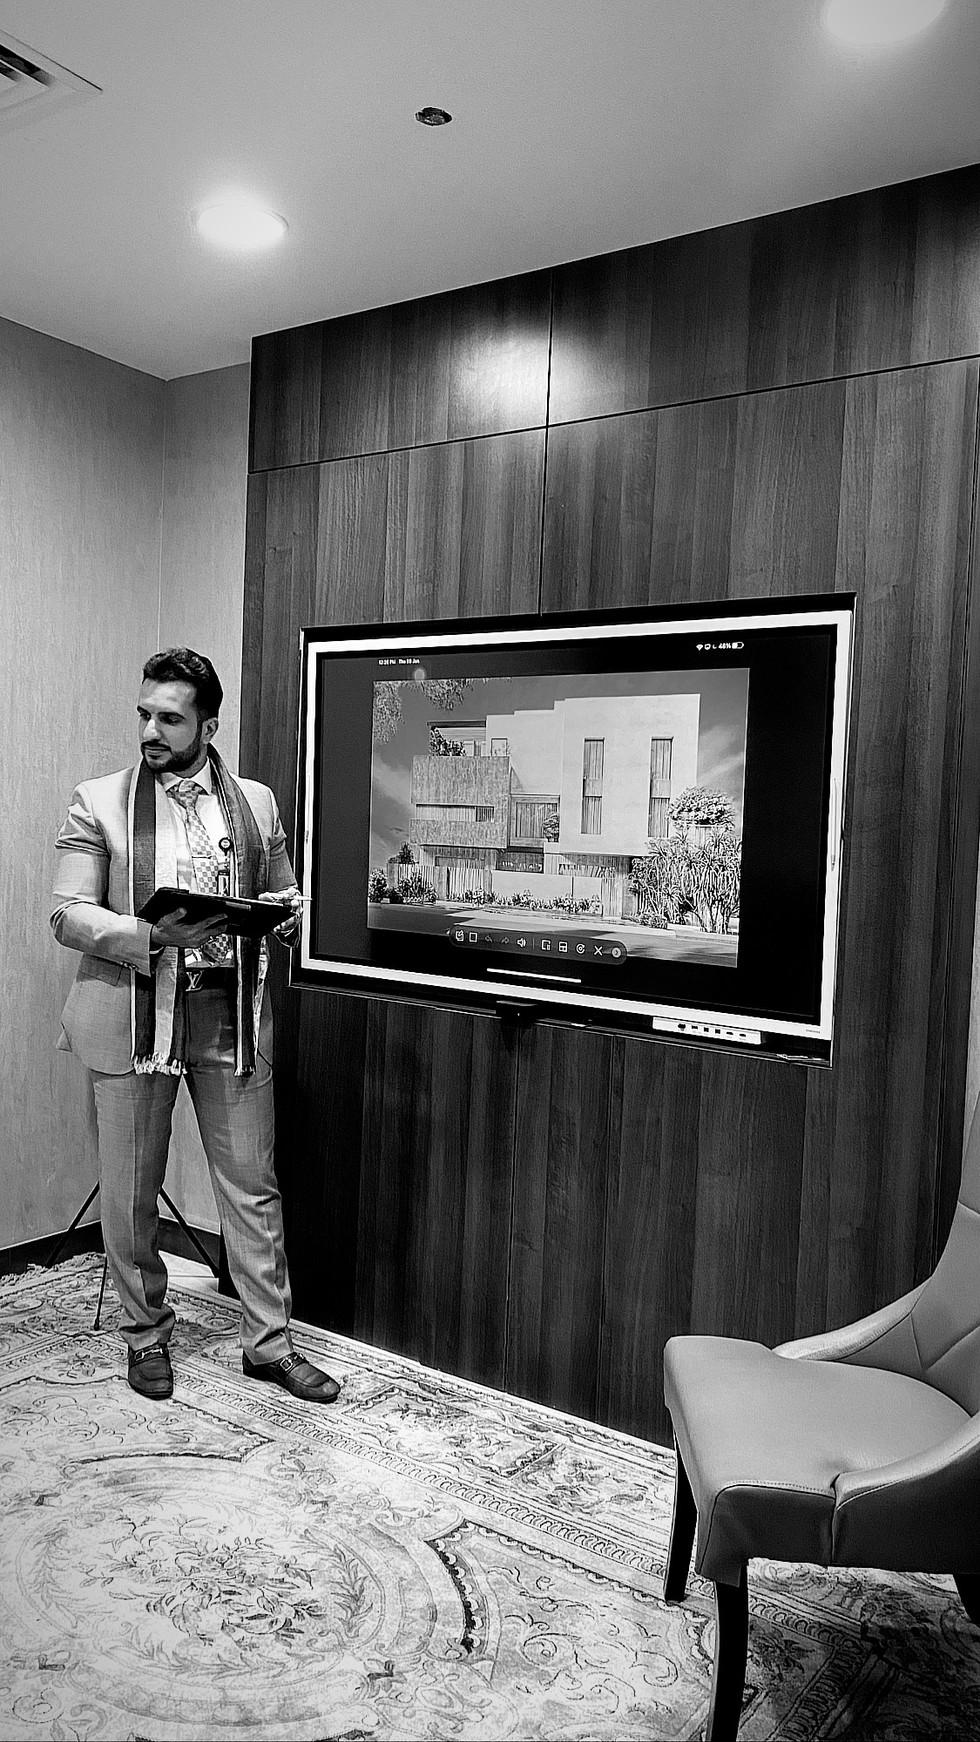 المهندس حسين واجتماع حول التصميم الخارجي